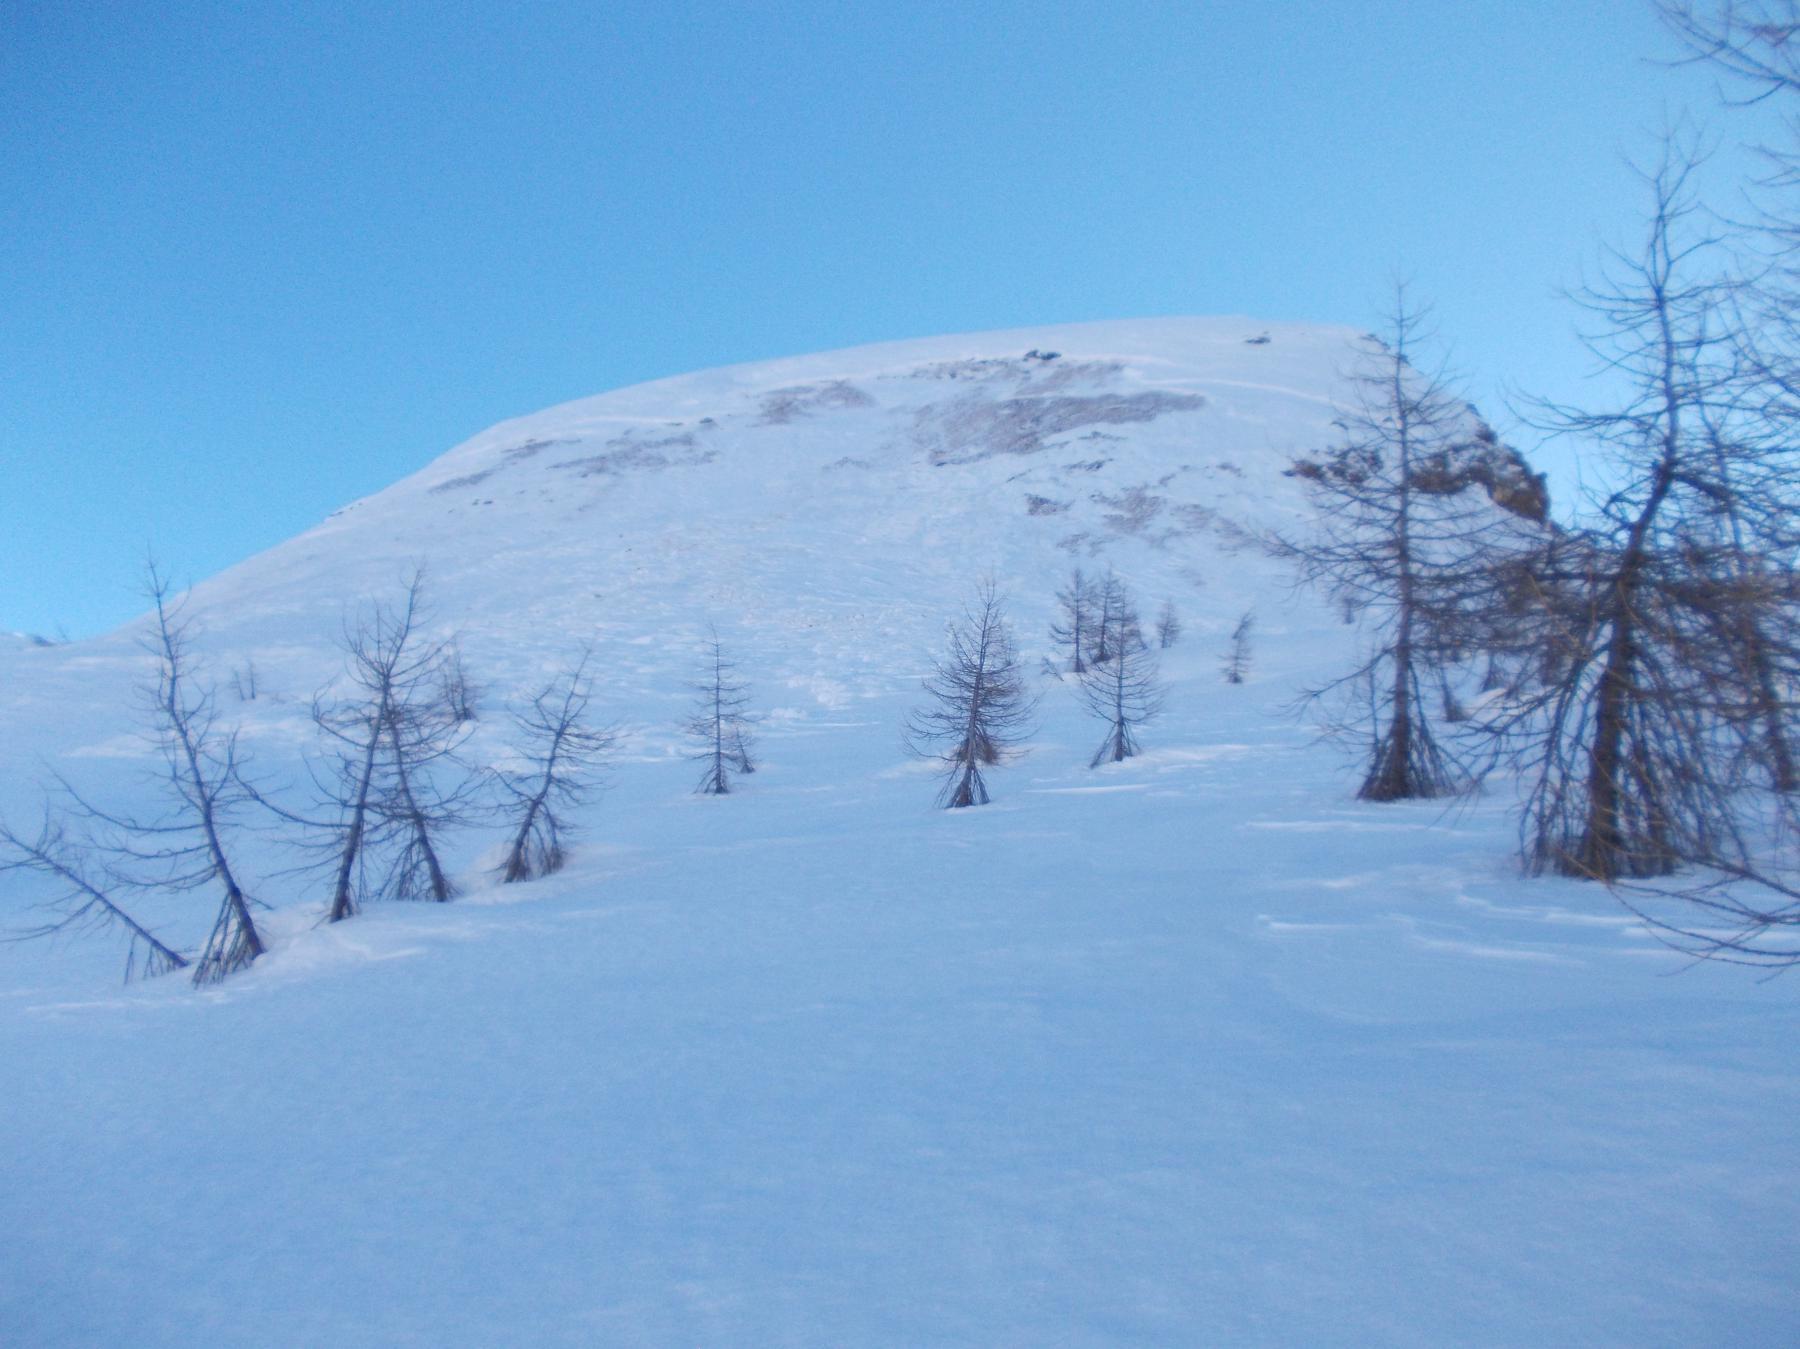 Monte Sangiatto